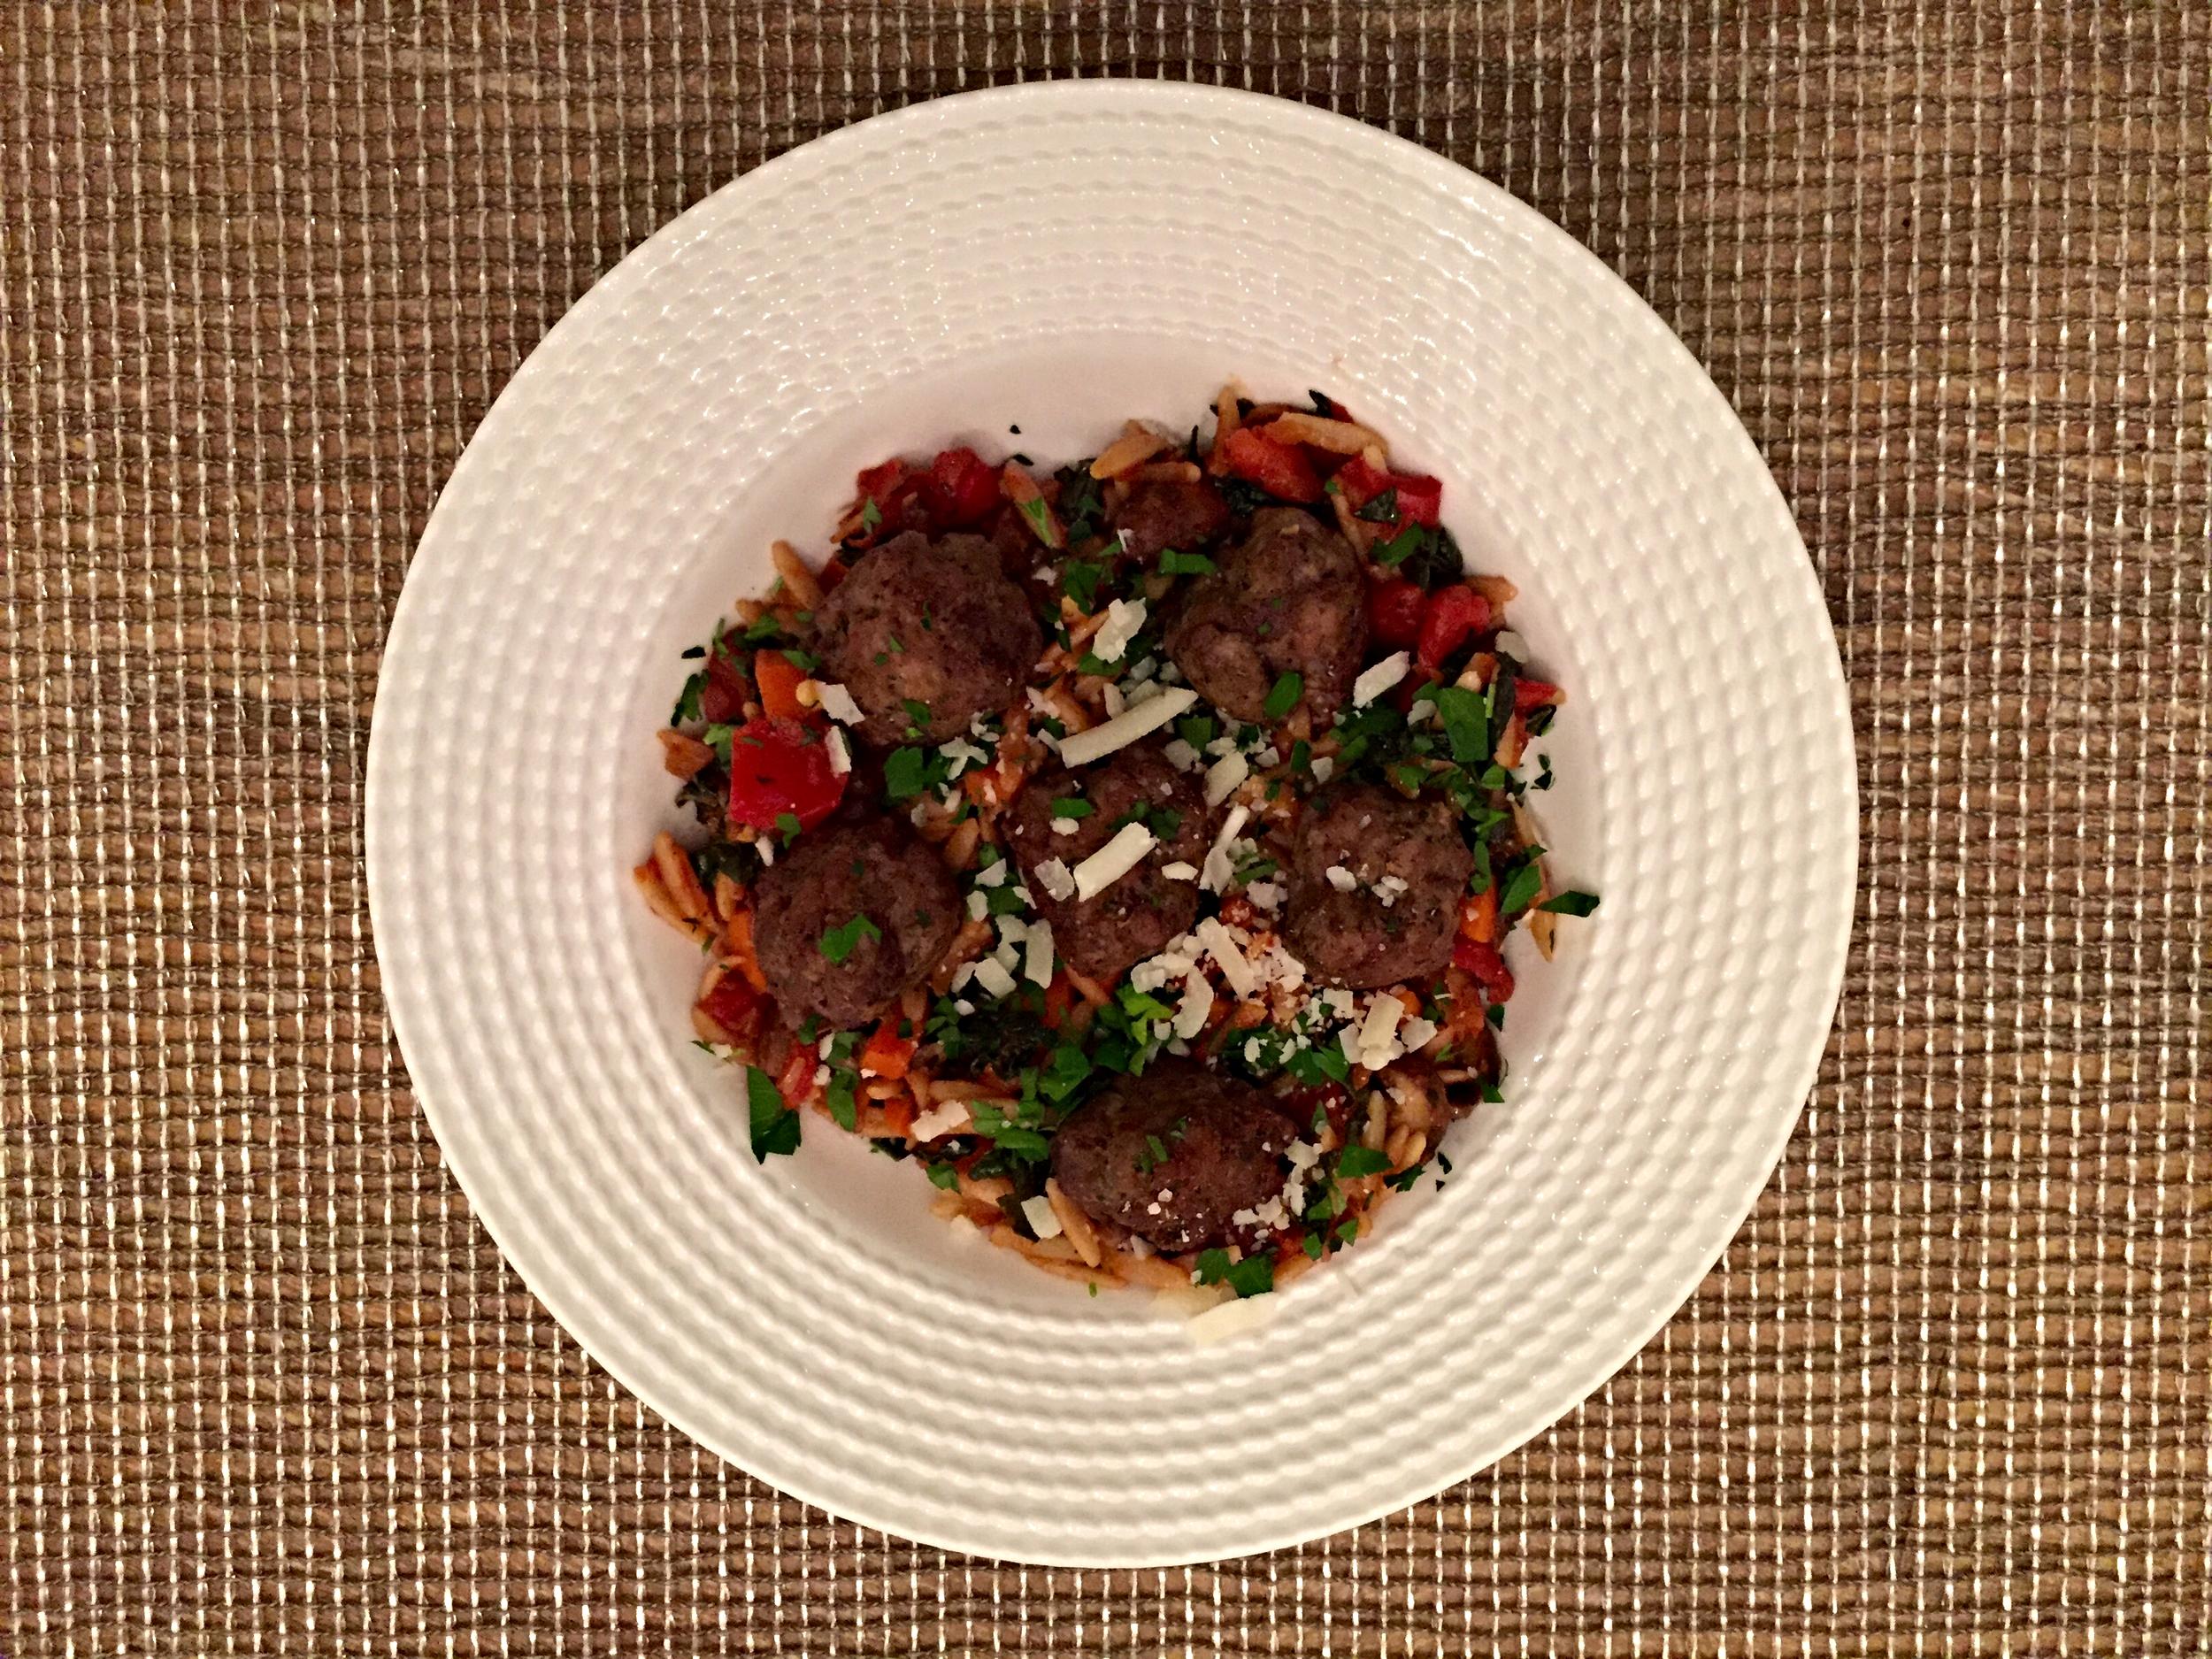 Italian Meatballs , orzo pasta, mushrooms & kale,tomato sauce